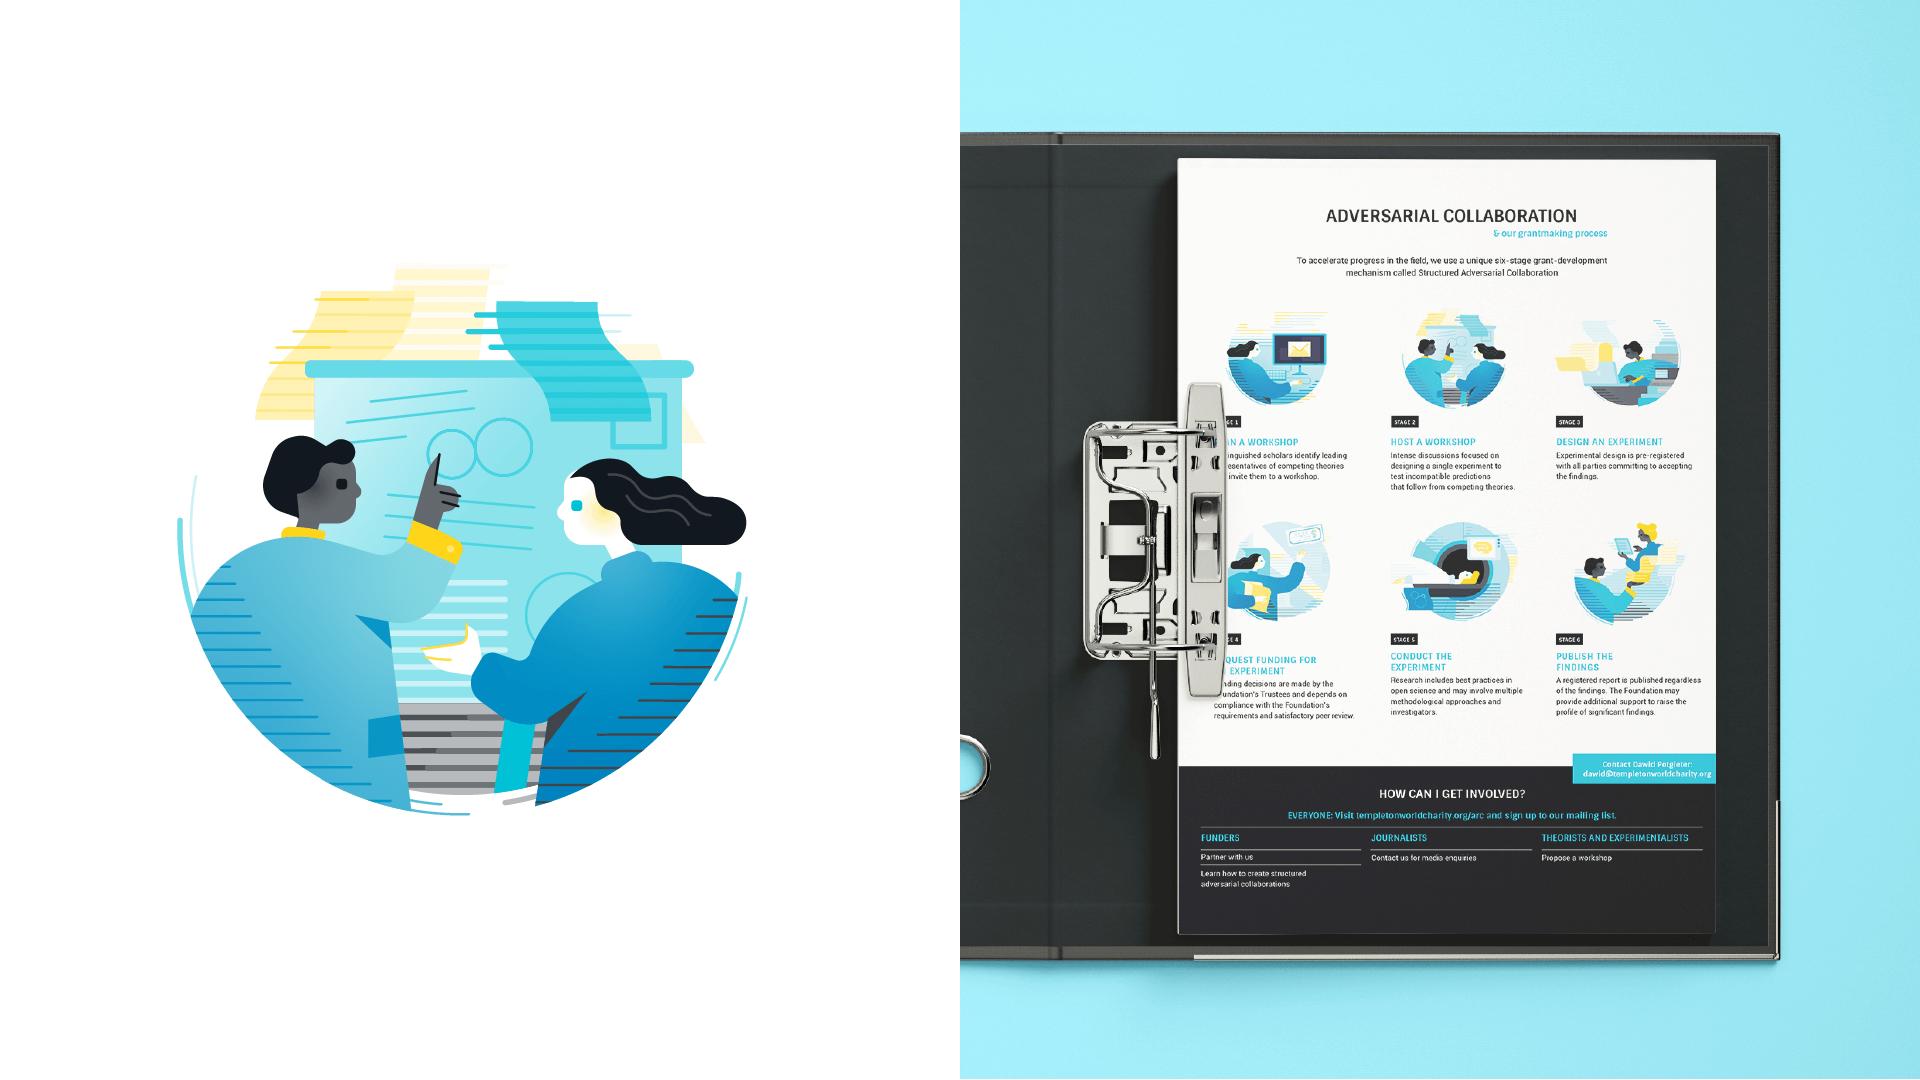 kurzgesagt_arc_brandidentity_design-4